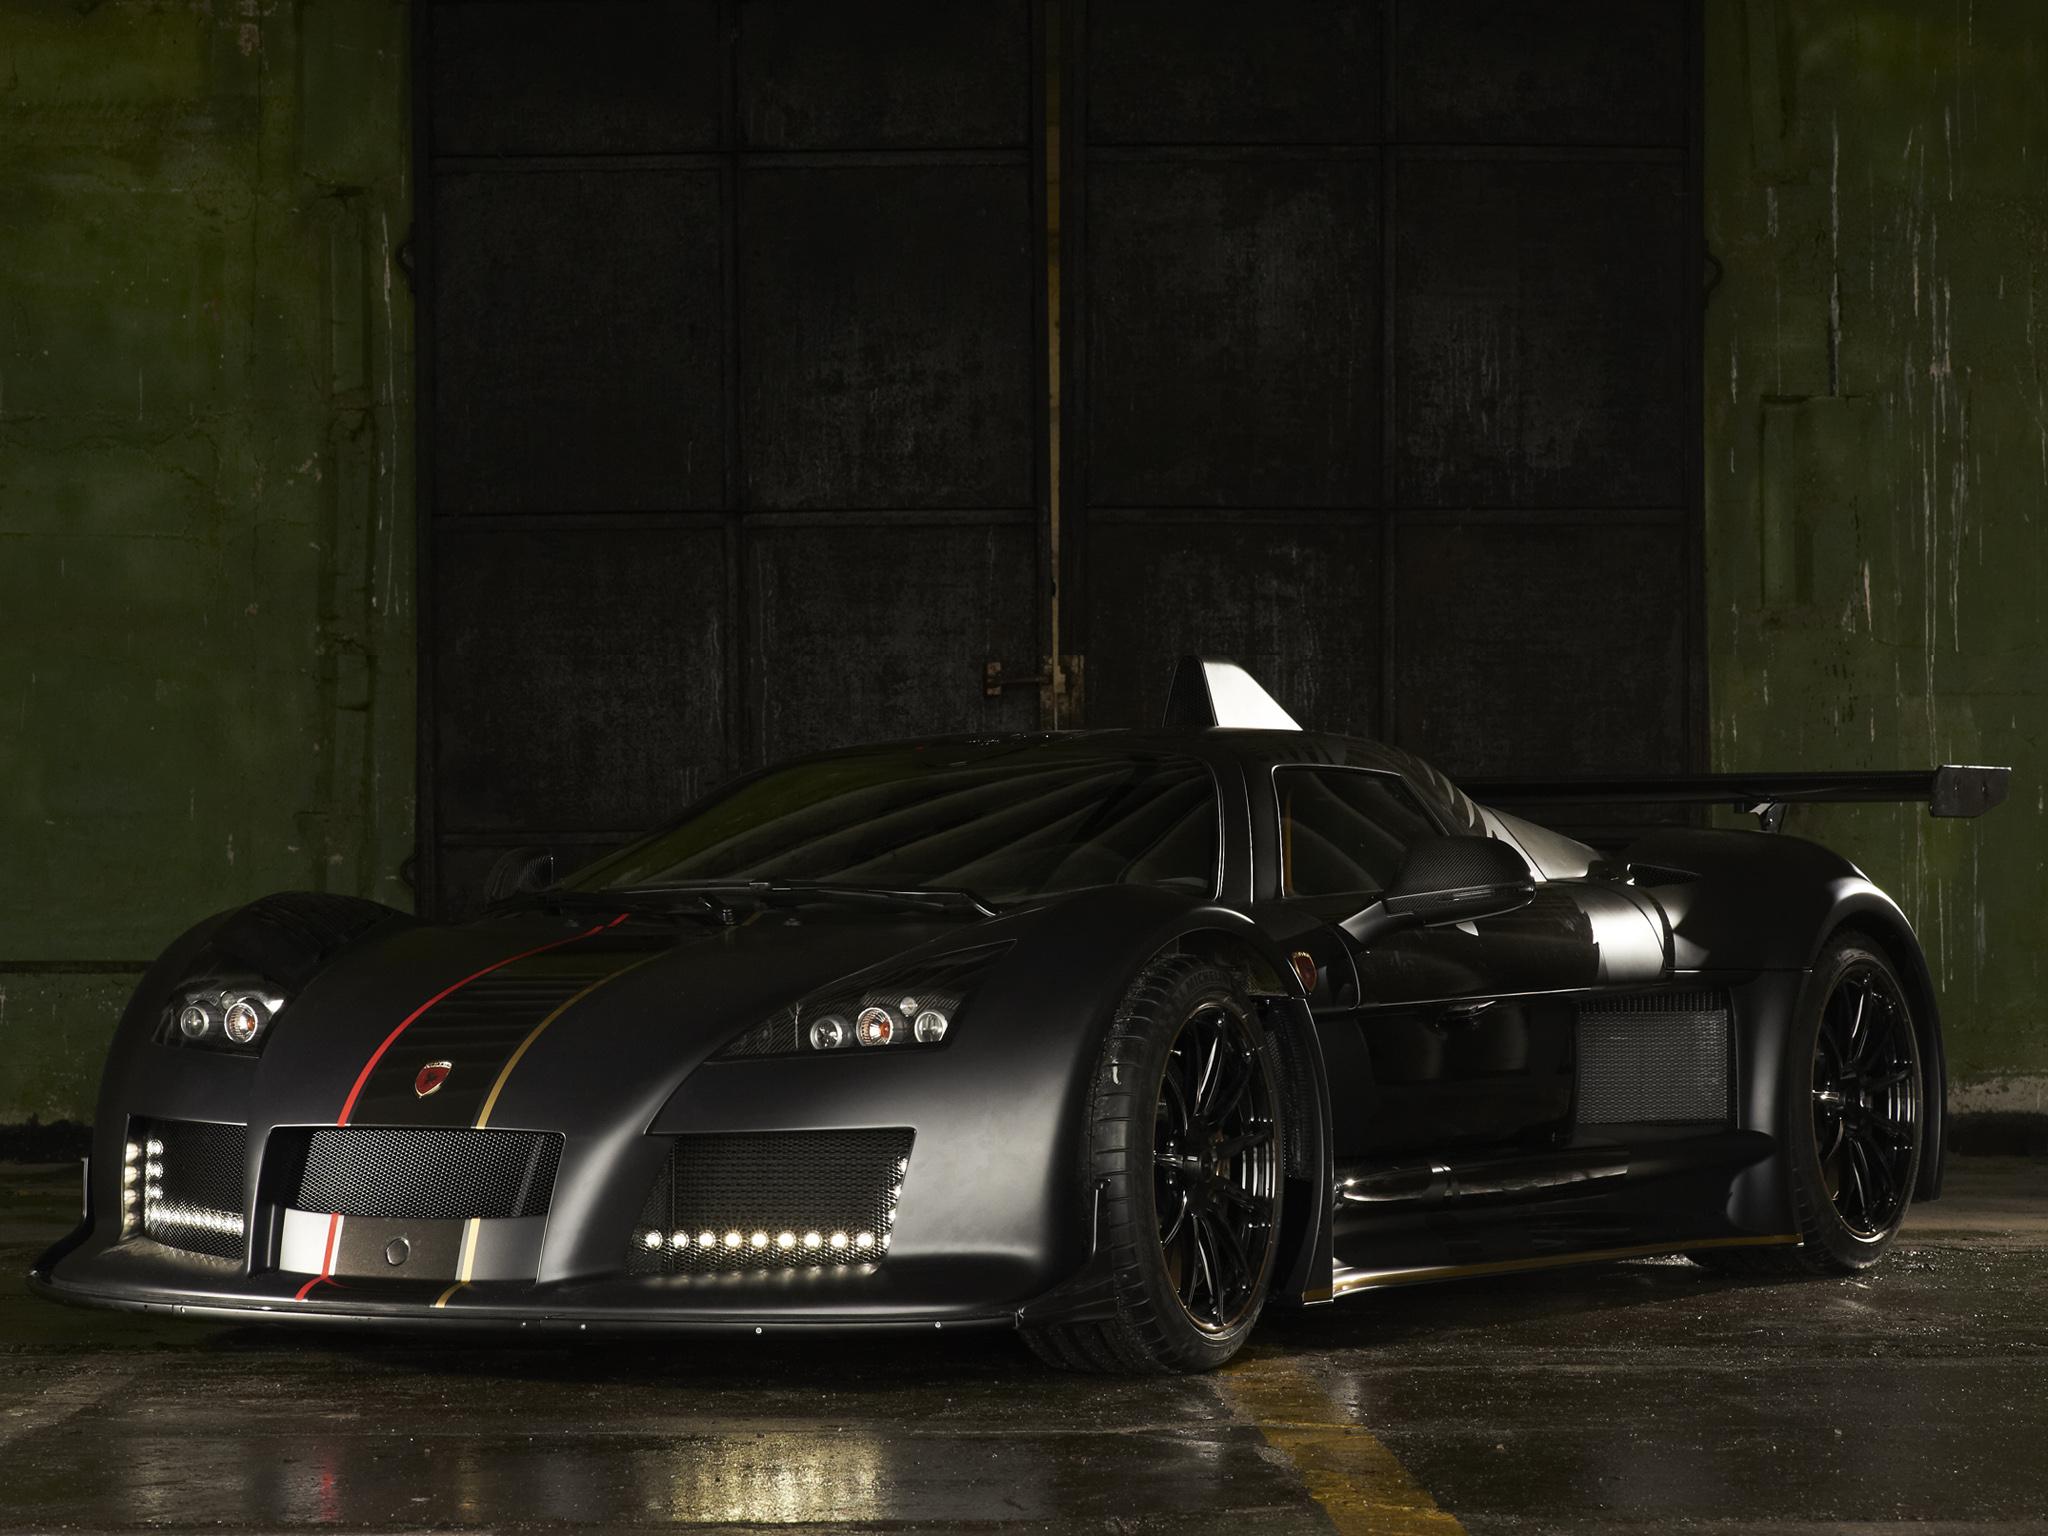 apollo sports car - HD2048×1536